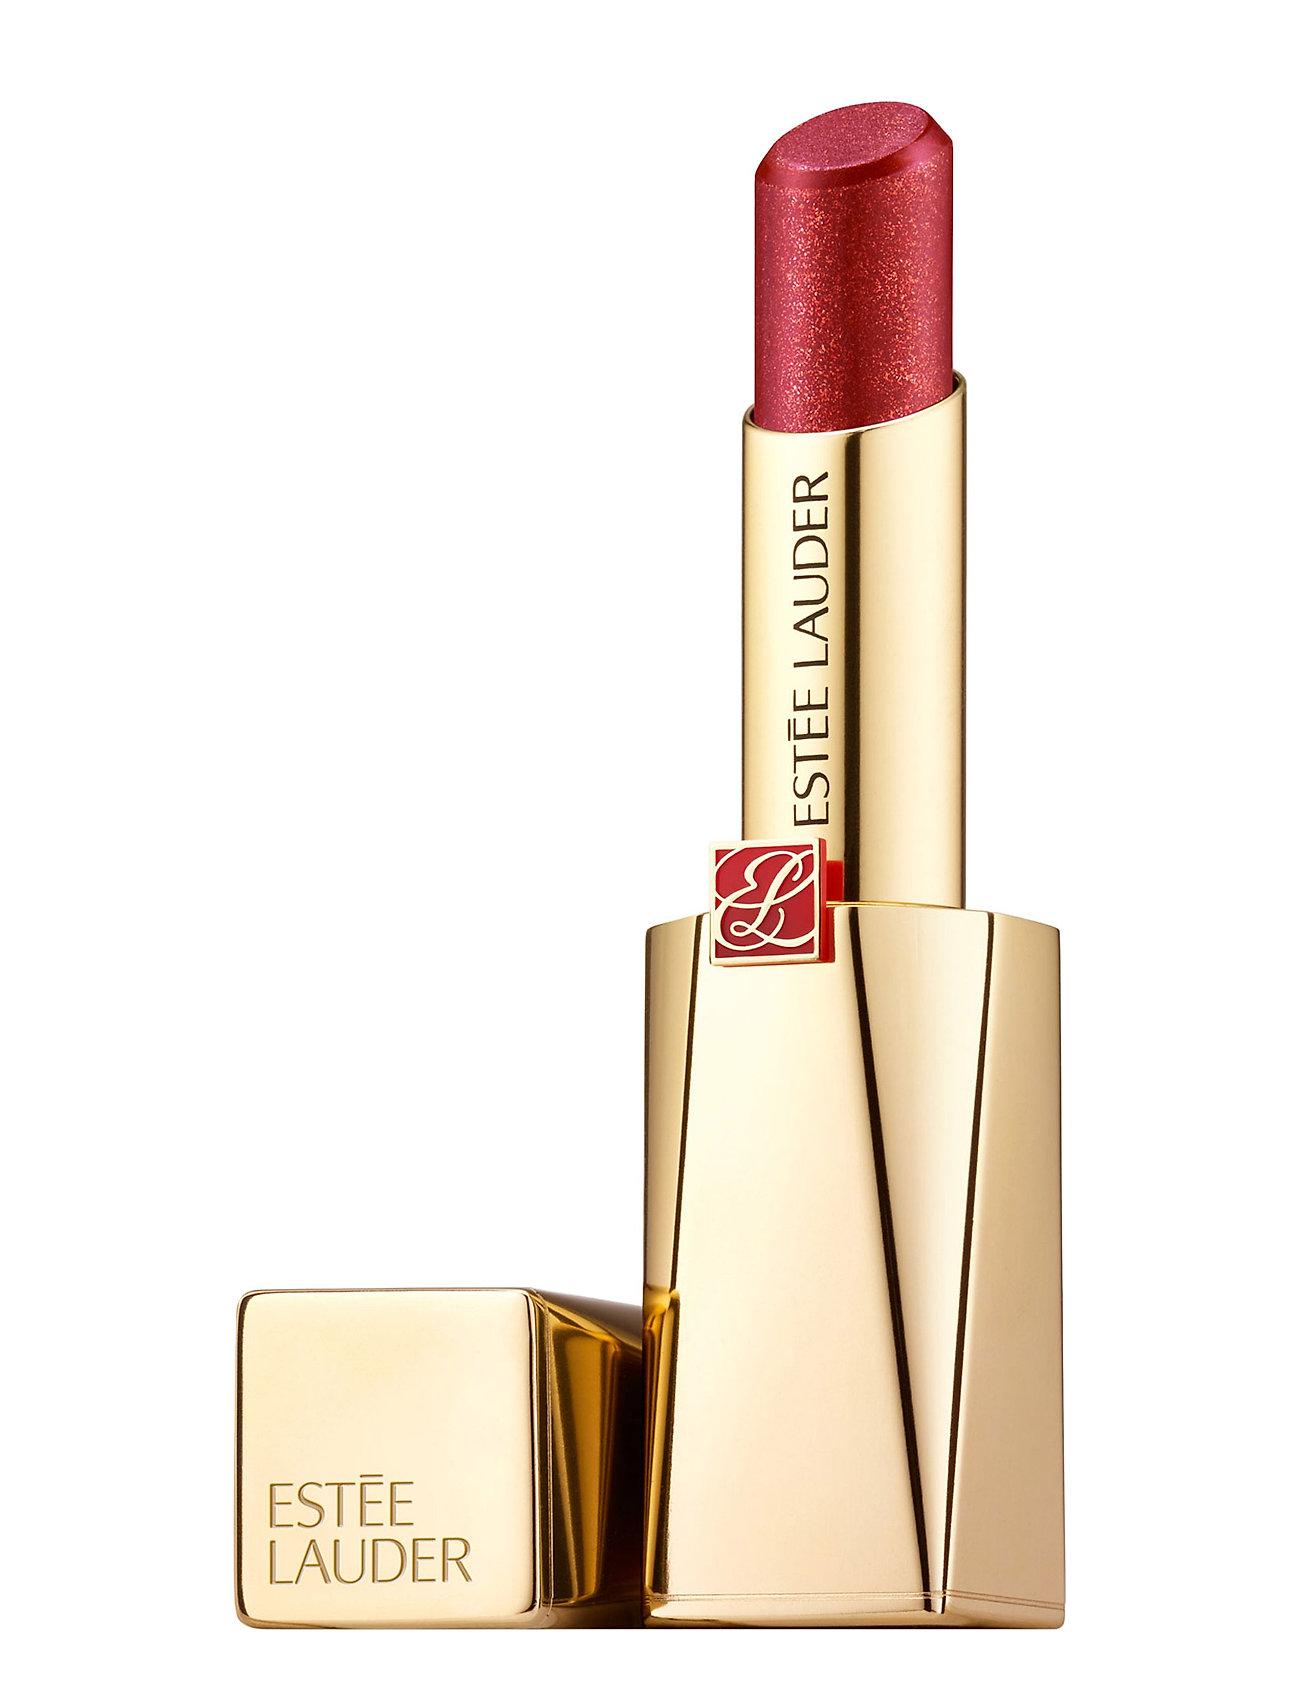 Estée Lauder Pure Color Desire Matte Plus Lipstick - Stagger (Chrome)